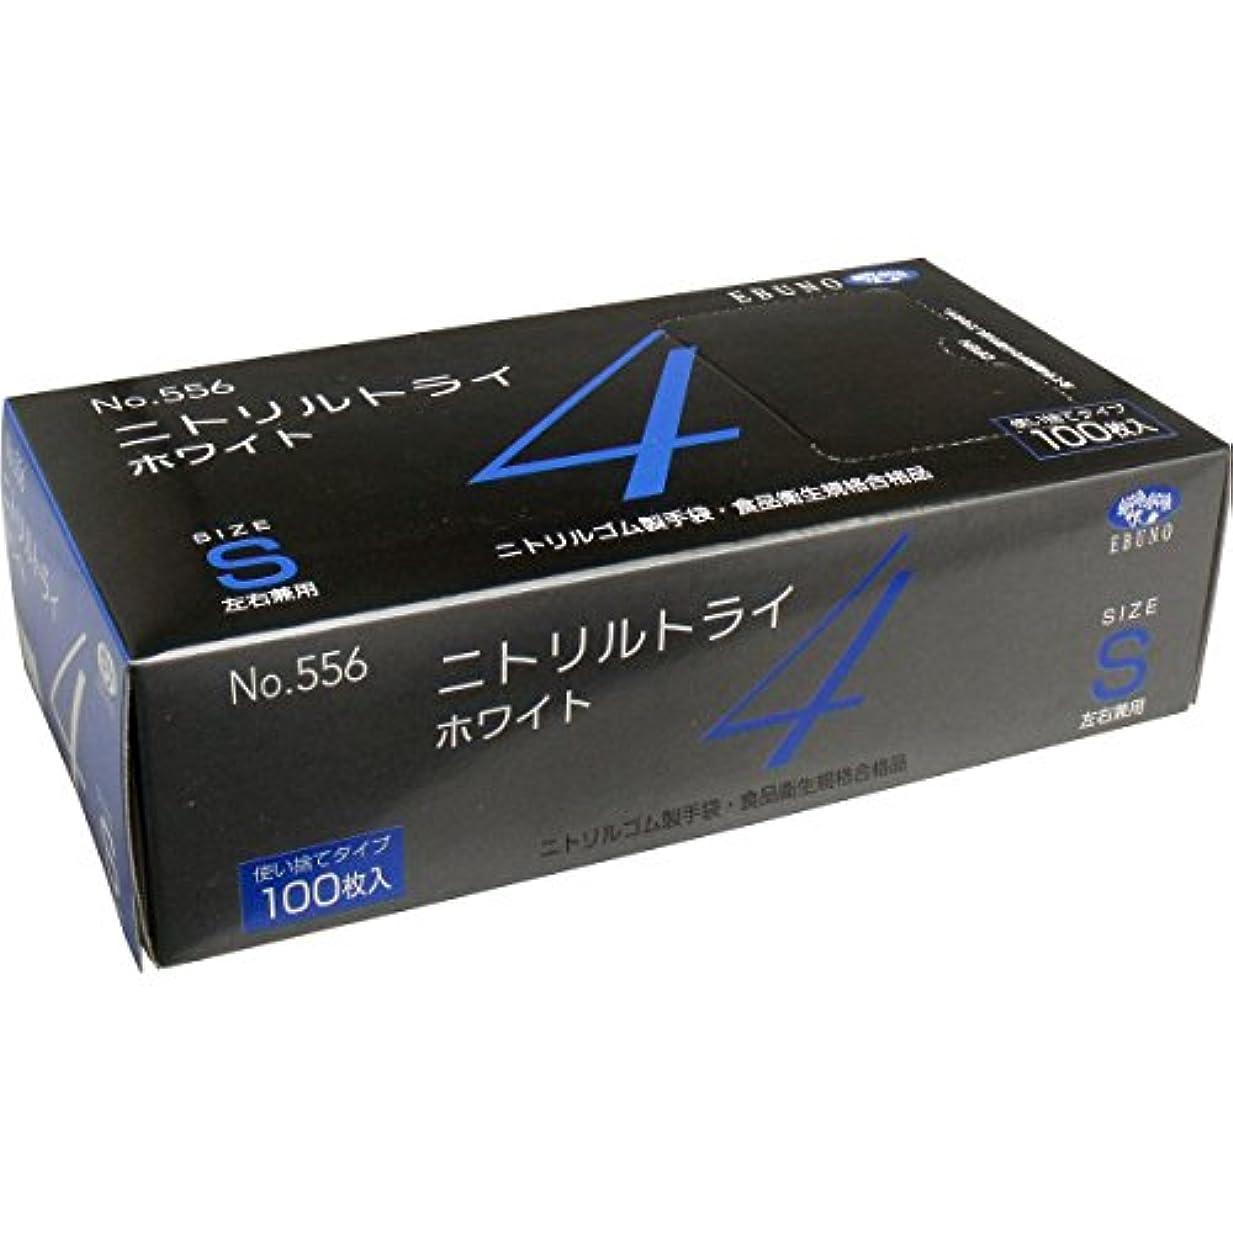 マートバタフライインクニトリルトライ4 №556 ホワイト 粉付 Sサイズ 100枚入